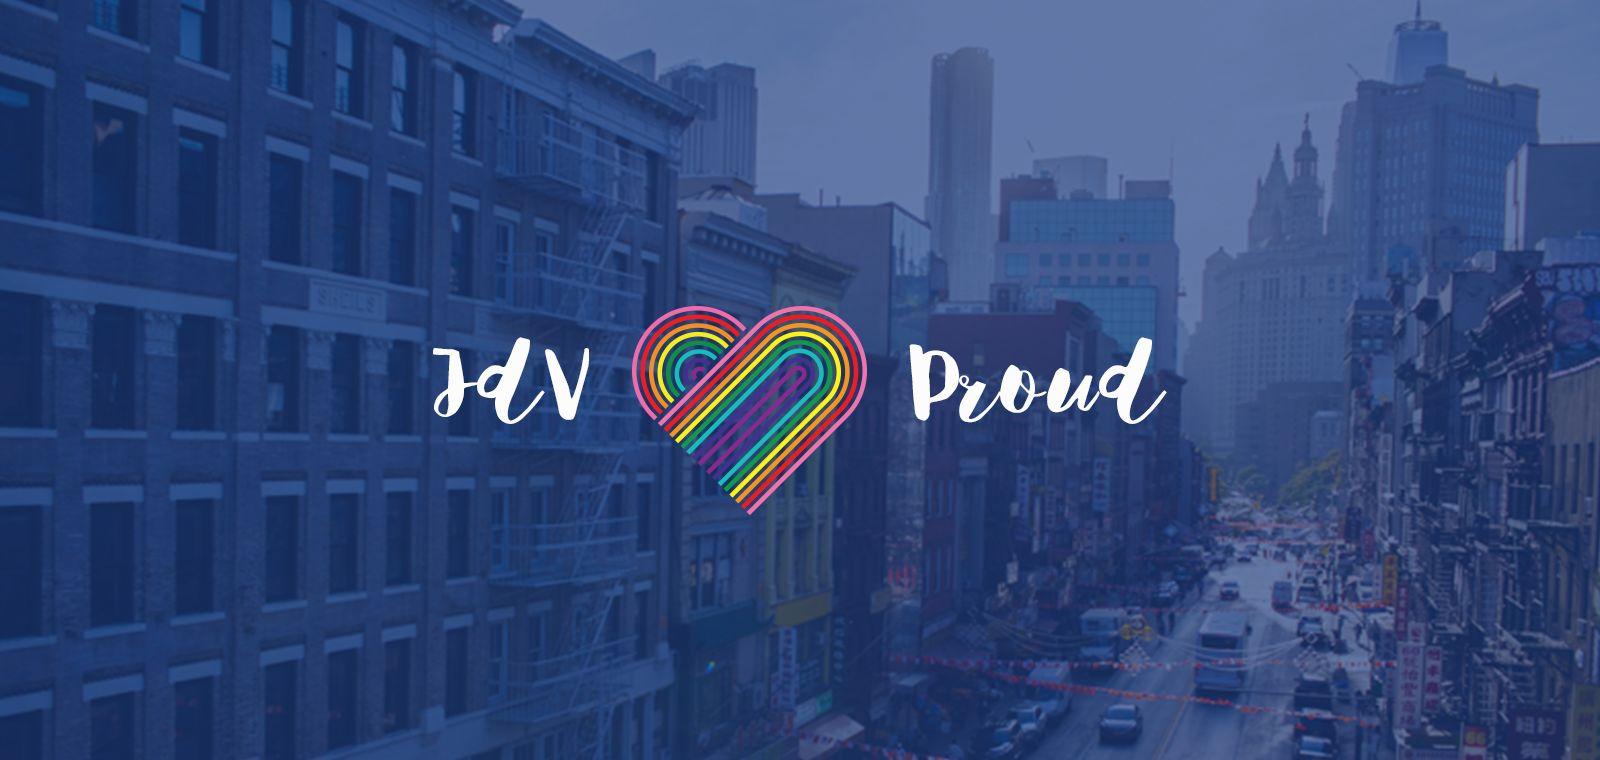 jdv-pride-hero-city-1